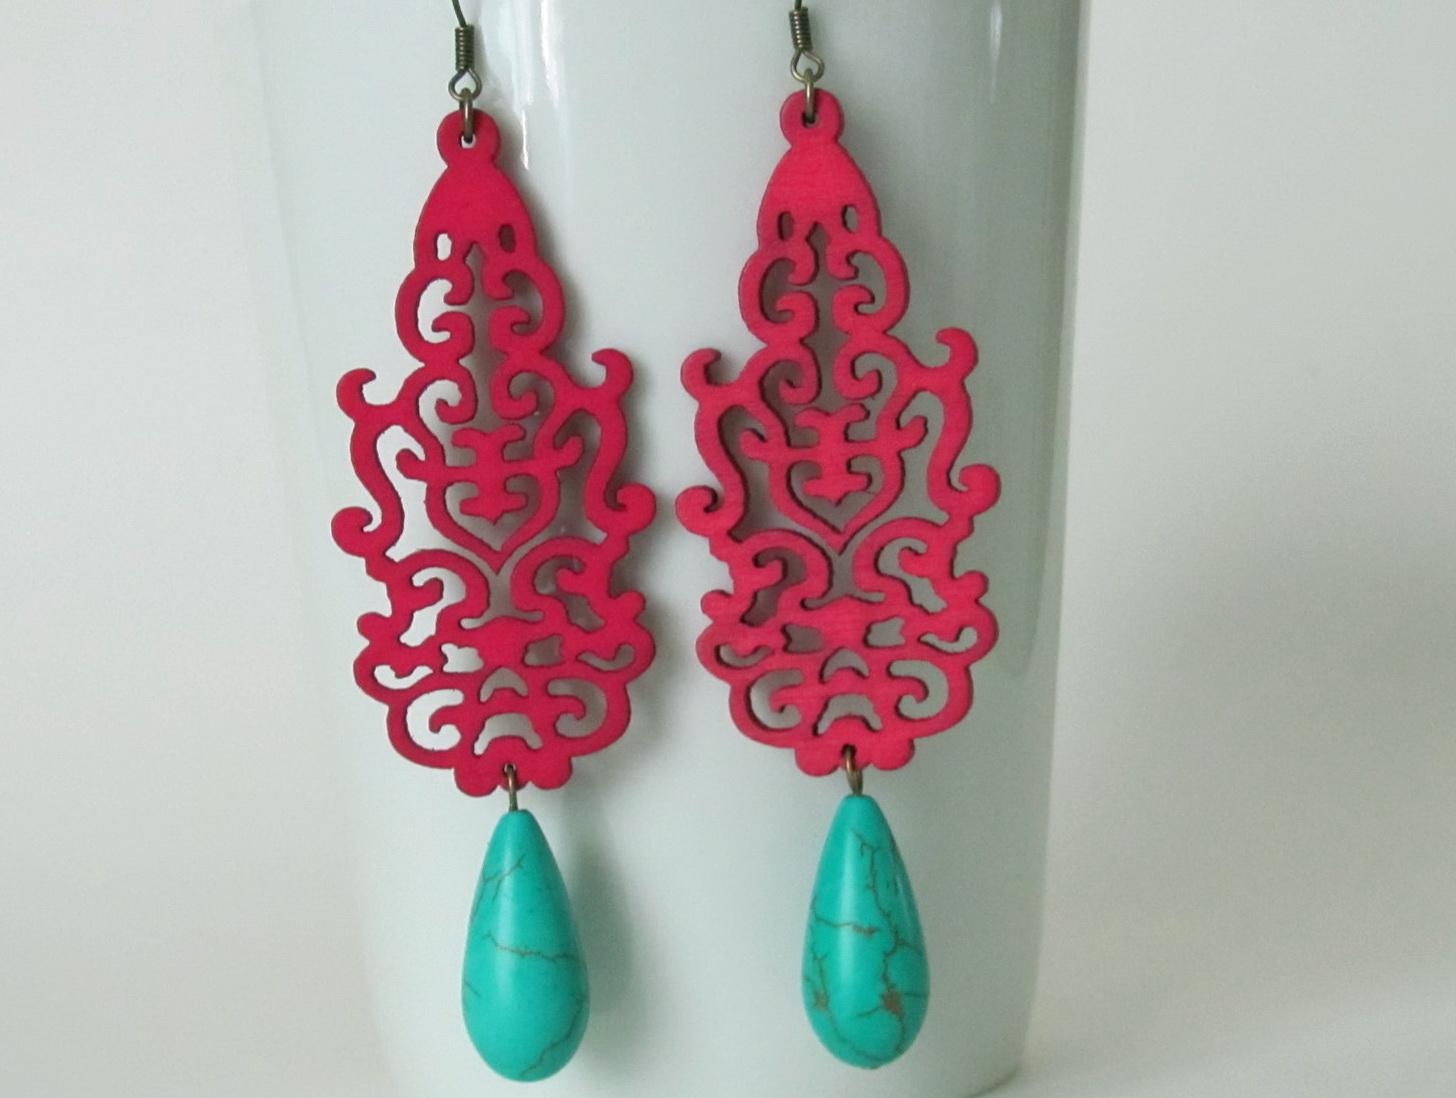 Hot Pink Chandelier Earrings